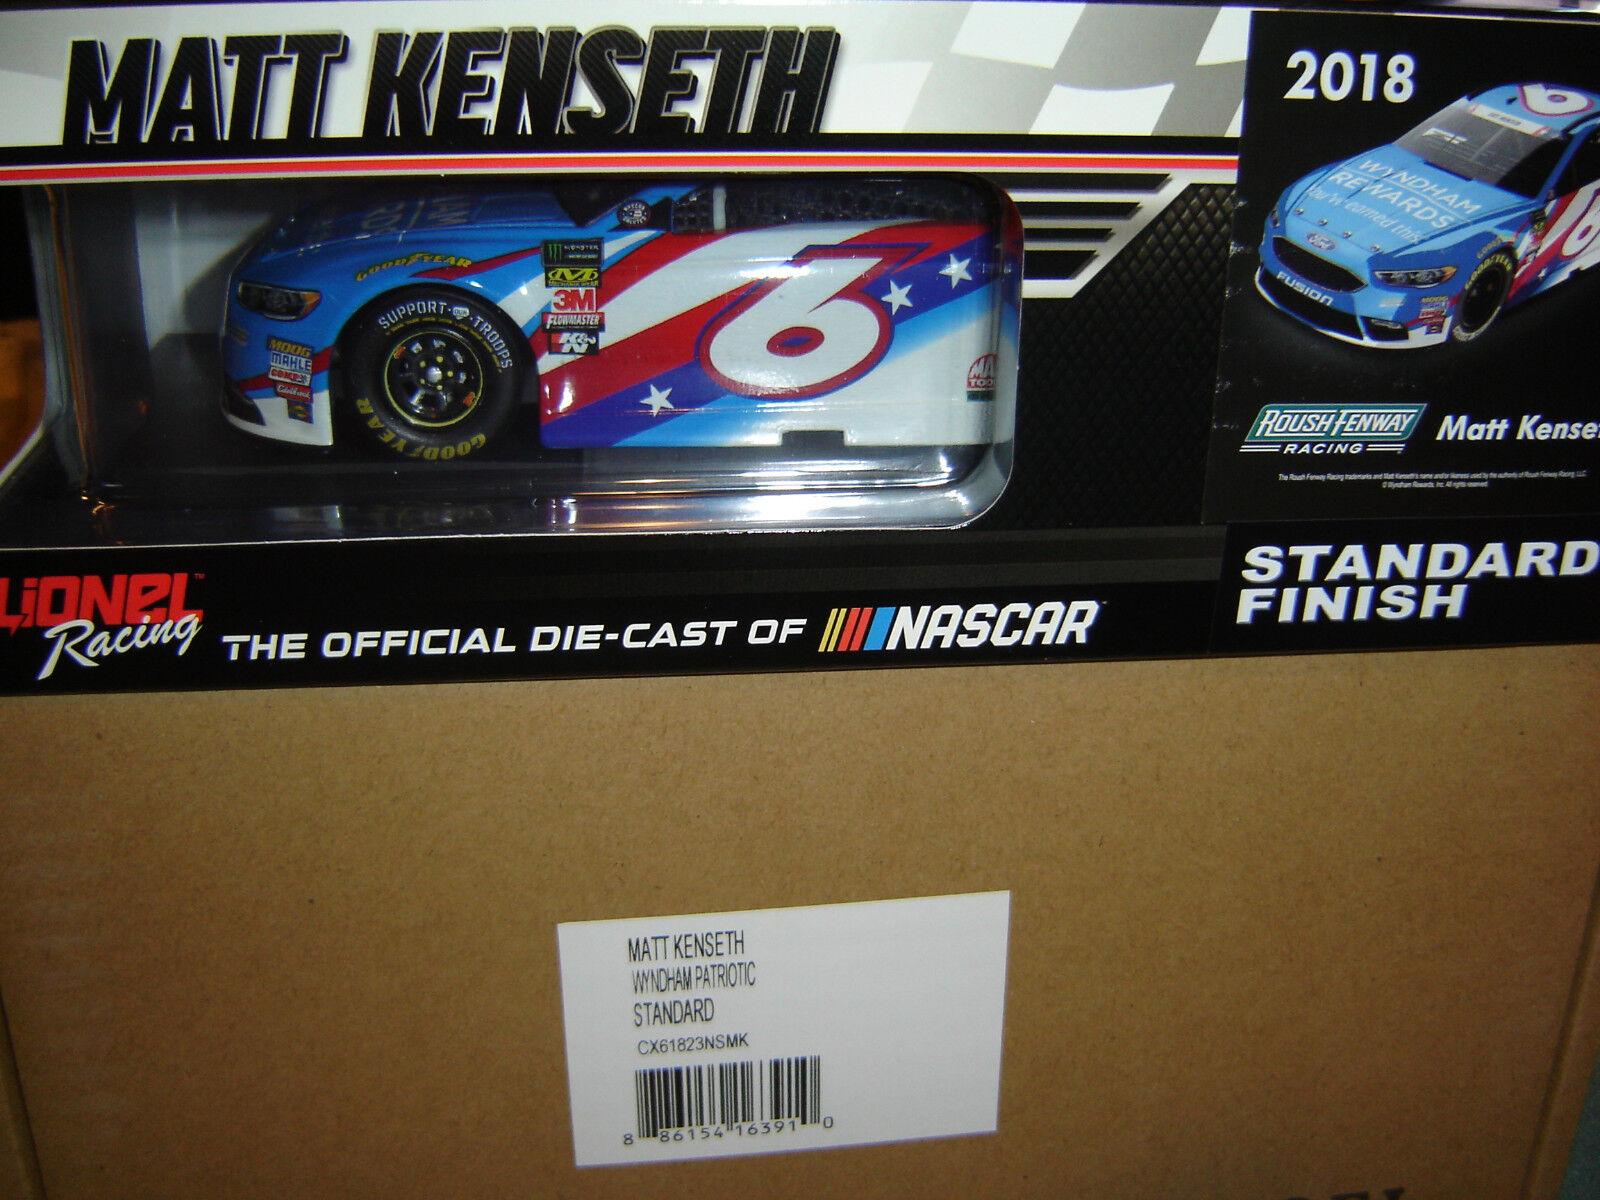 2018 Matt Kenseth  6 Wyndham Patriotische 1 24 Ford Fusion IM LAGER Us